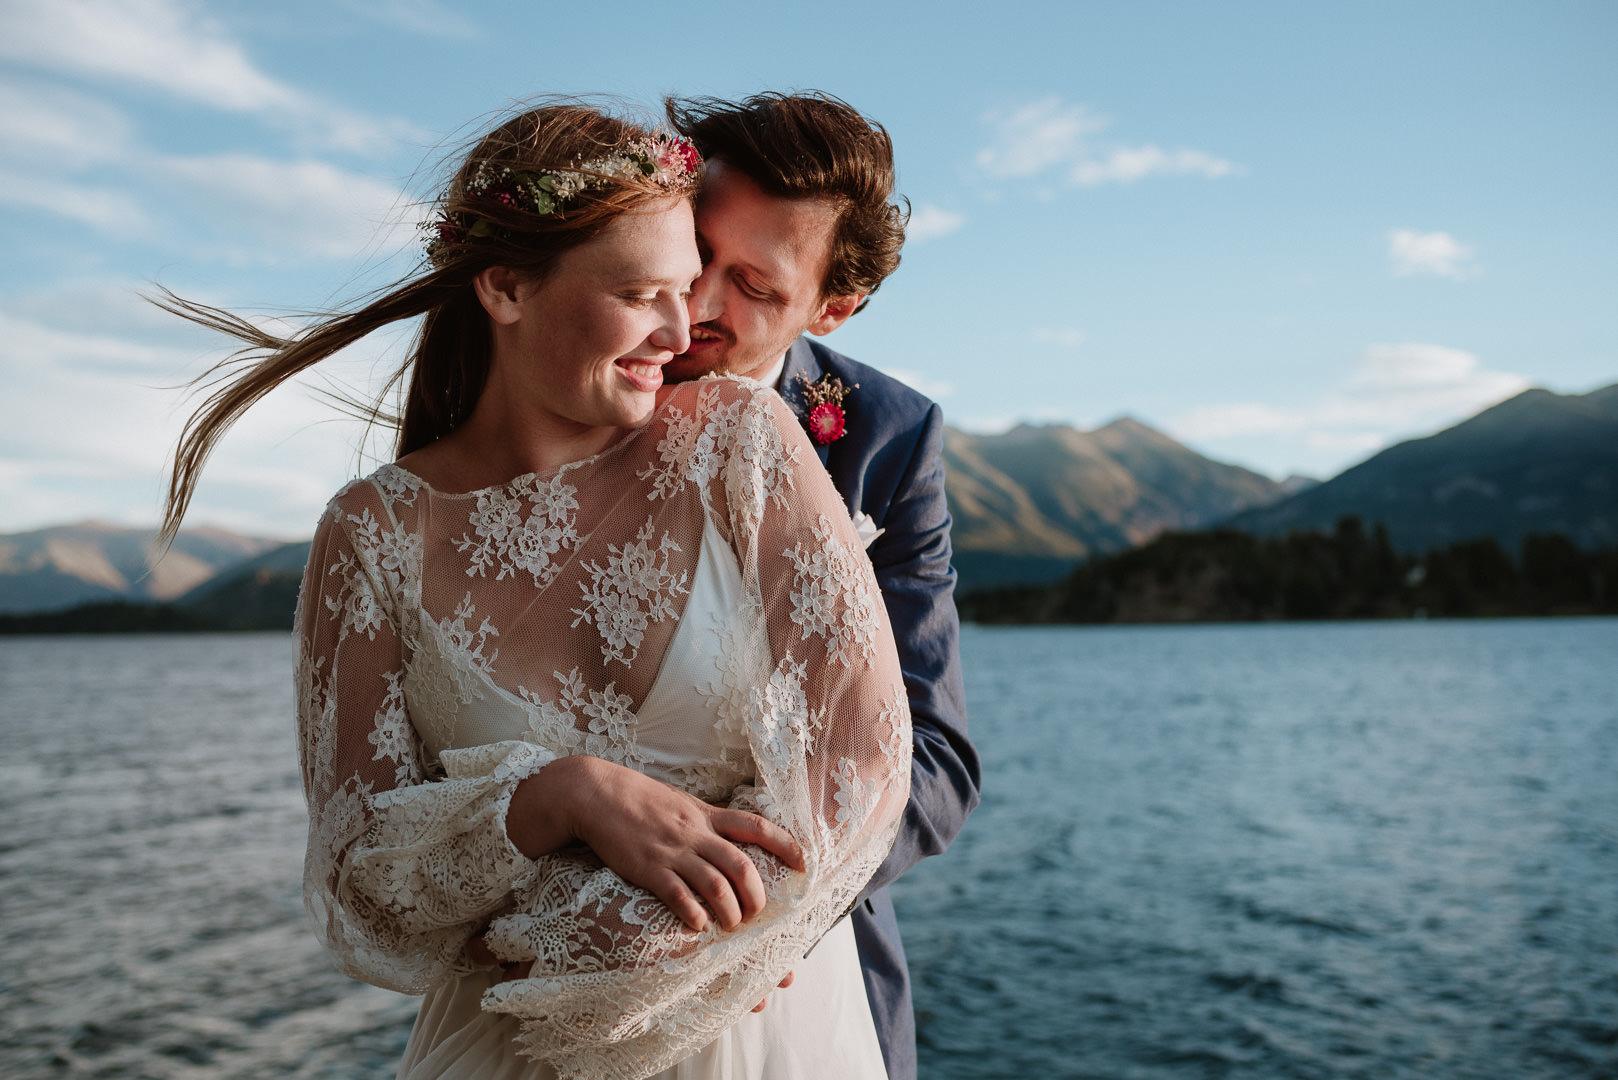 casamiento a la orilla del lago en bariloche